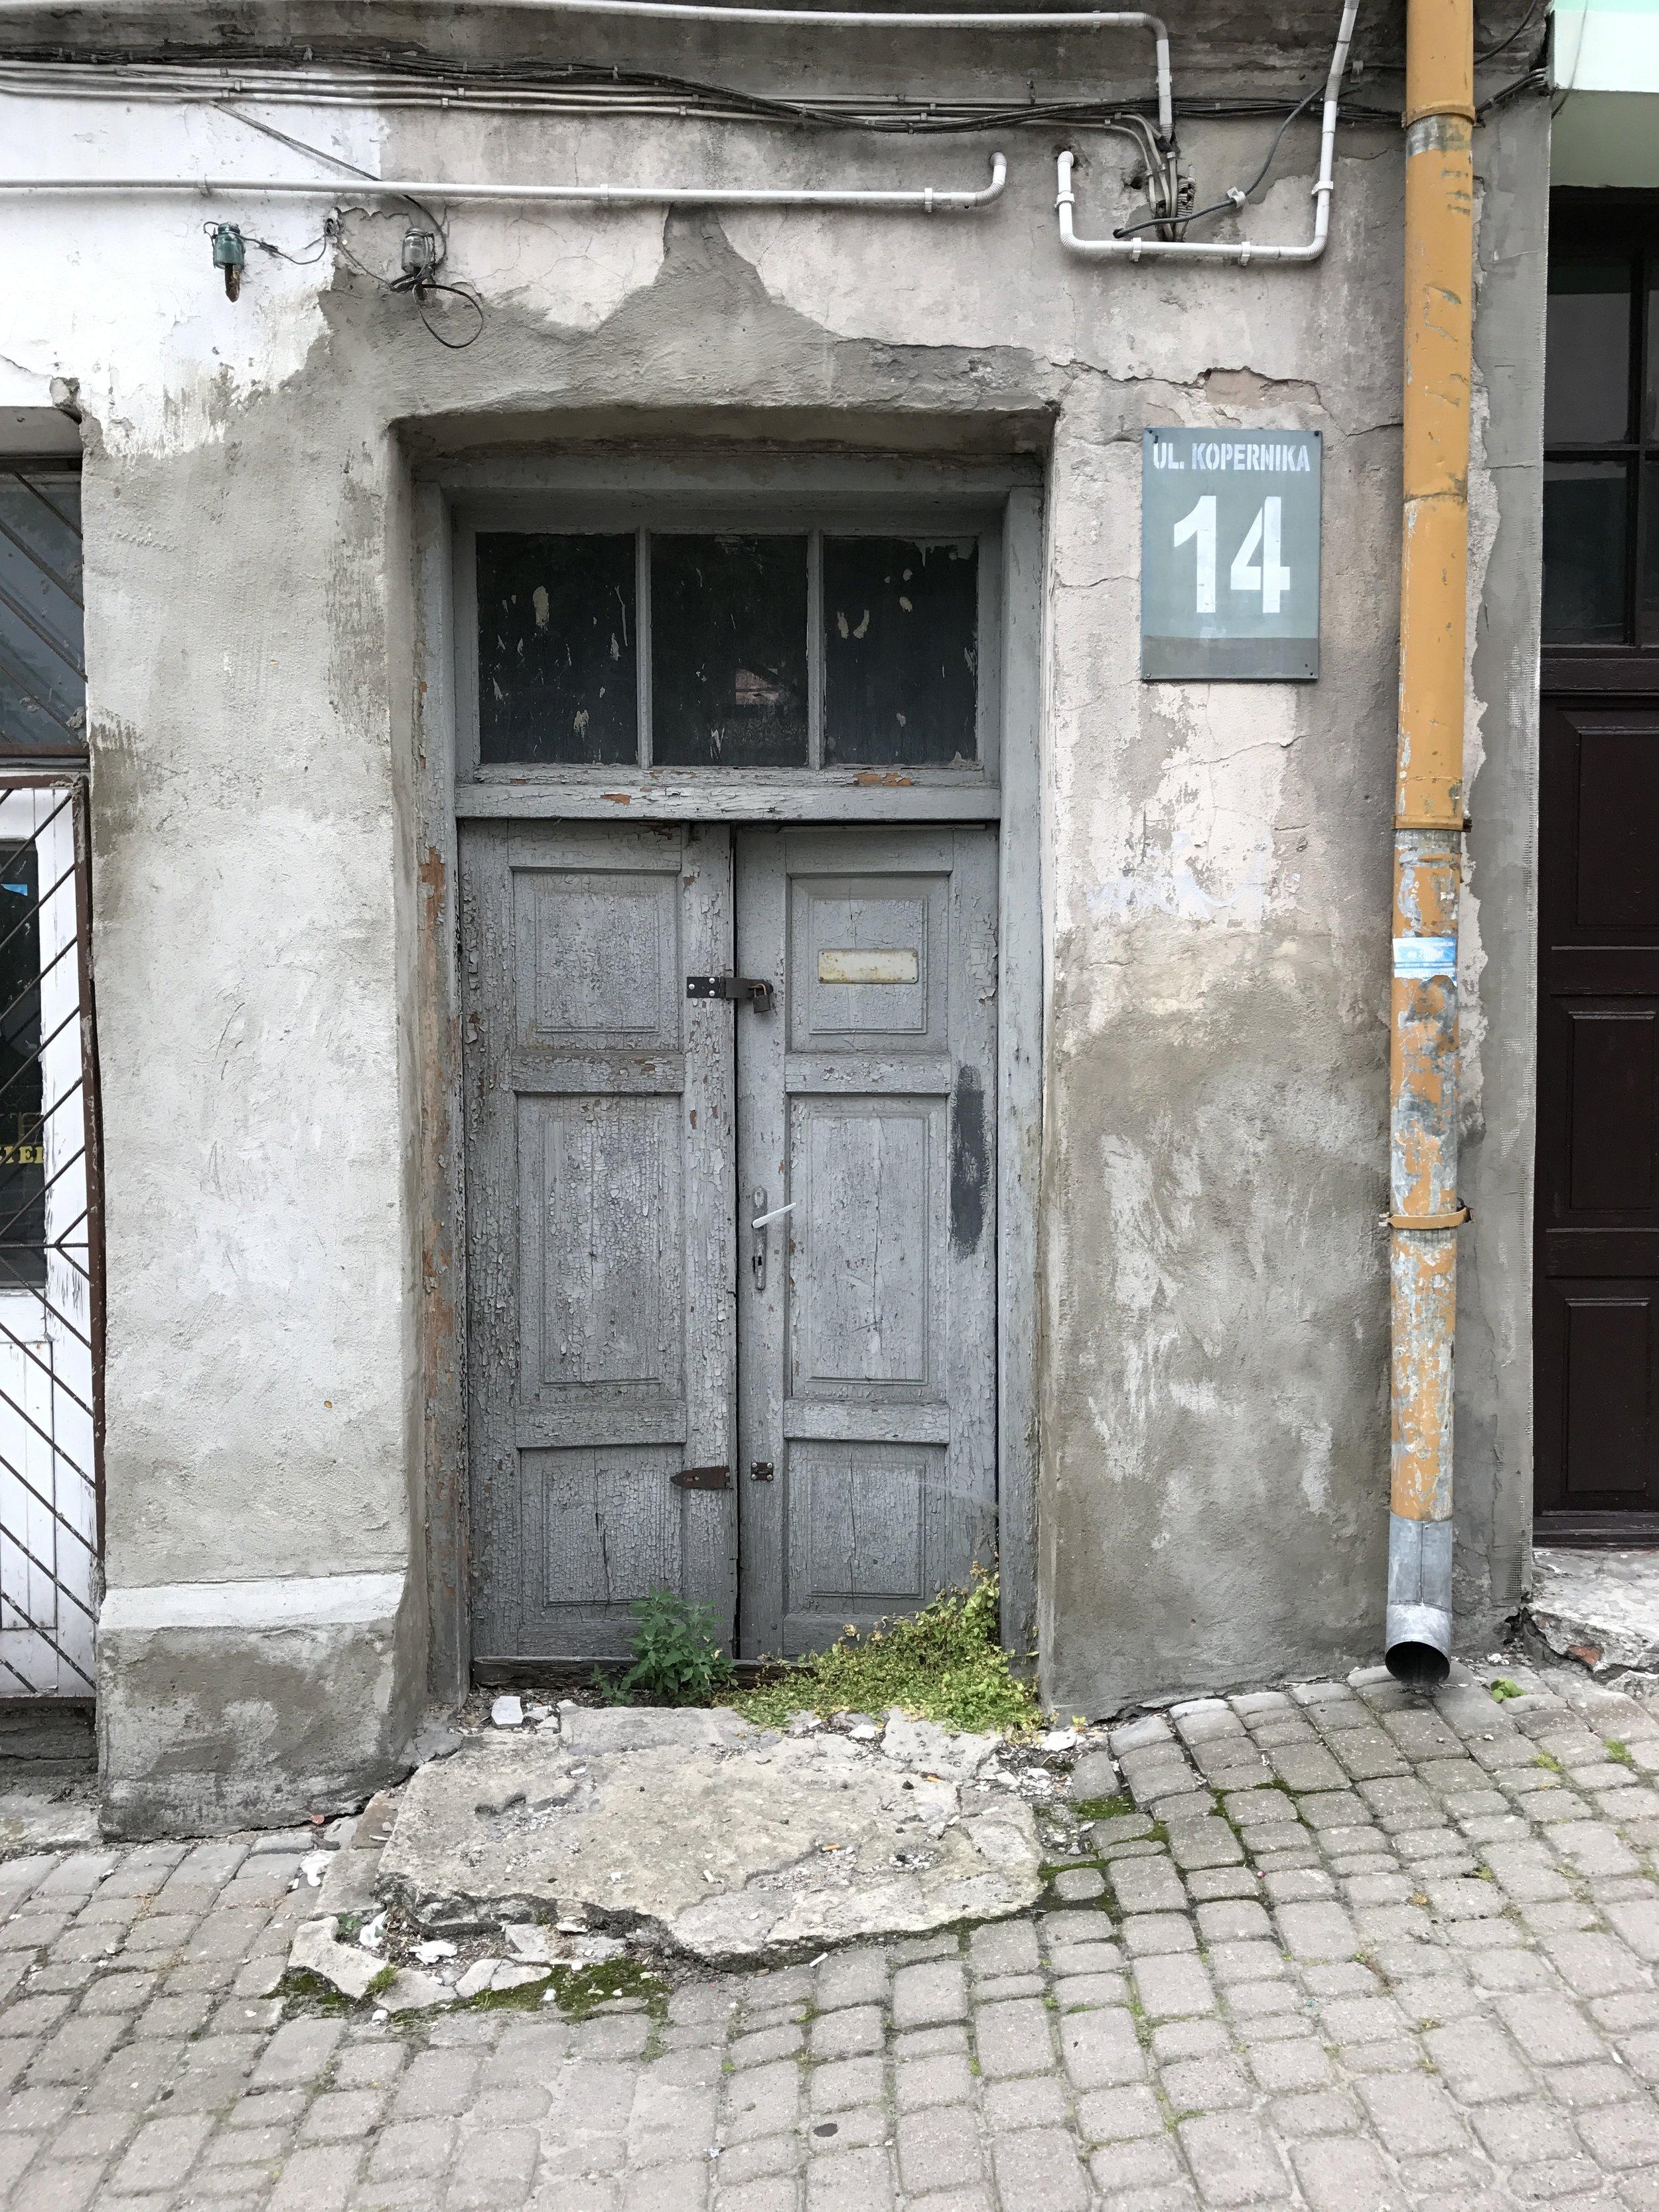 Door in Chelm, Poland